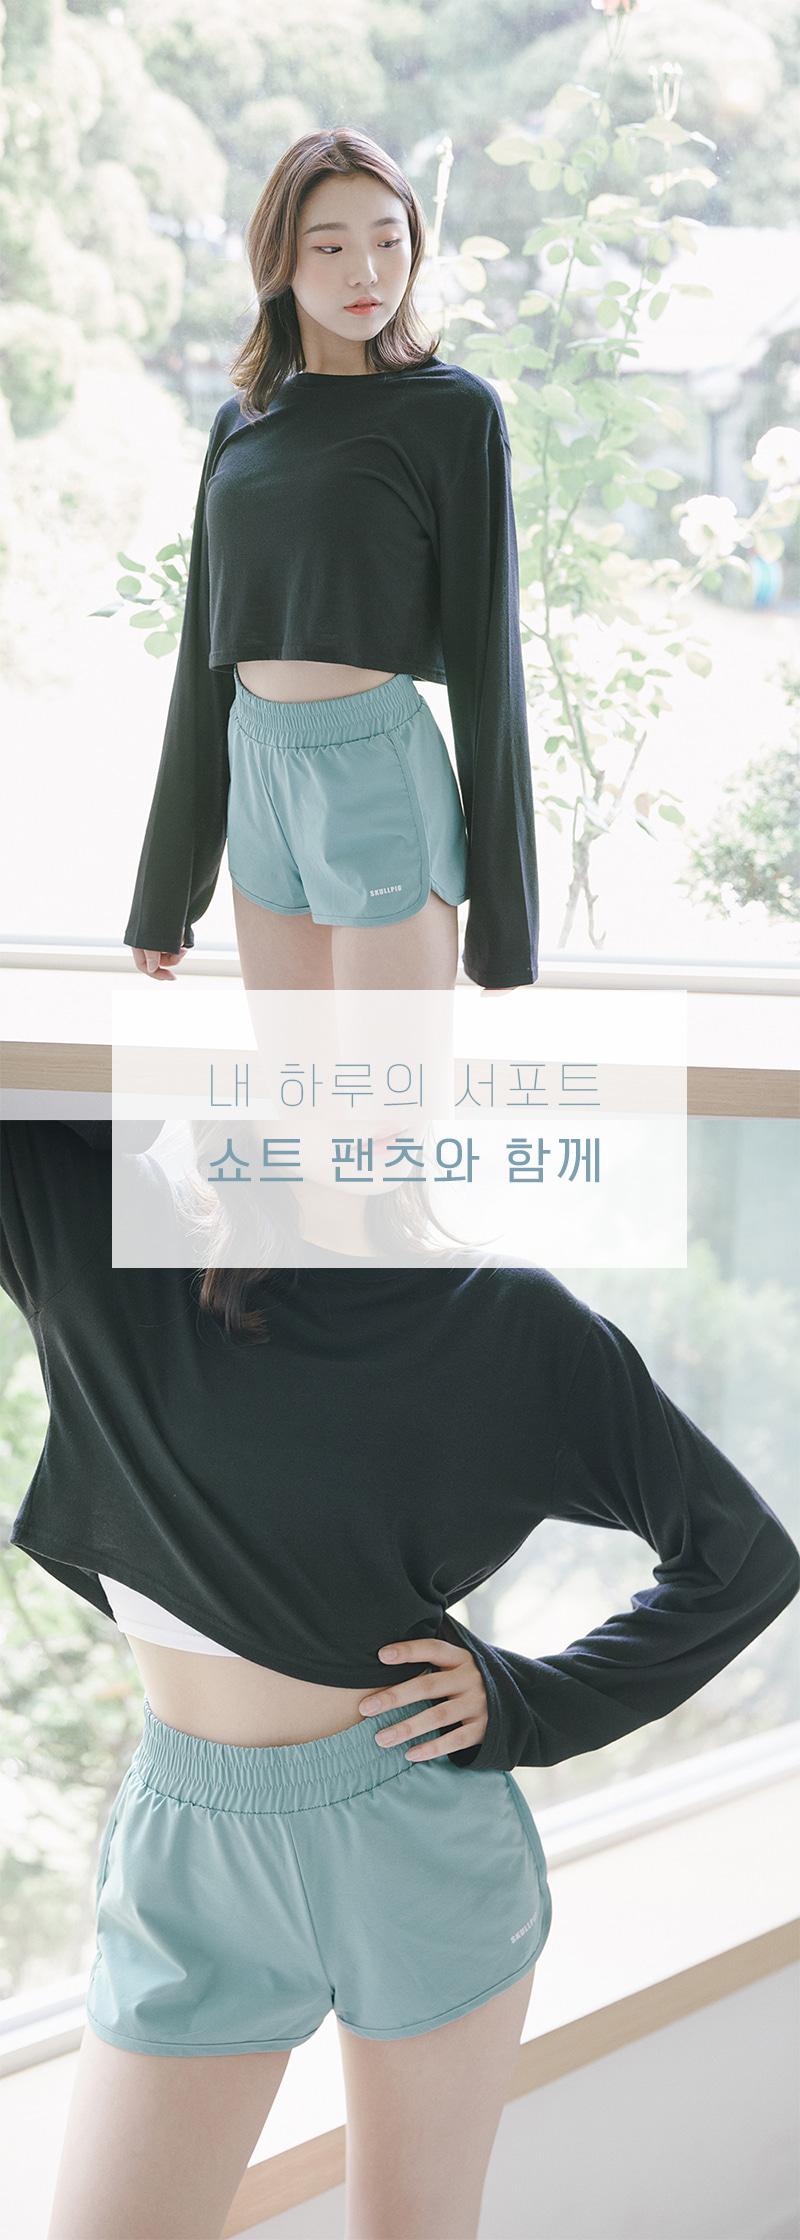 스컬피그(SKULLPIG) [SA5166] 쇼트팬츠 민트그레이/핫/반바지/래쉬가드